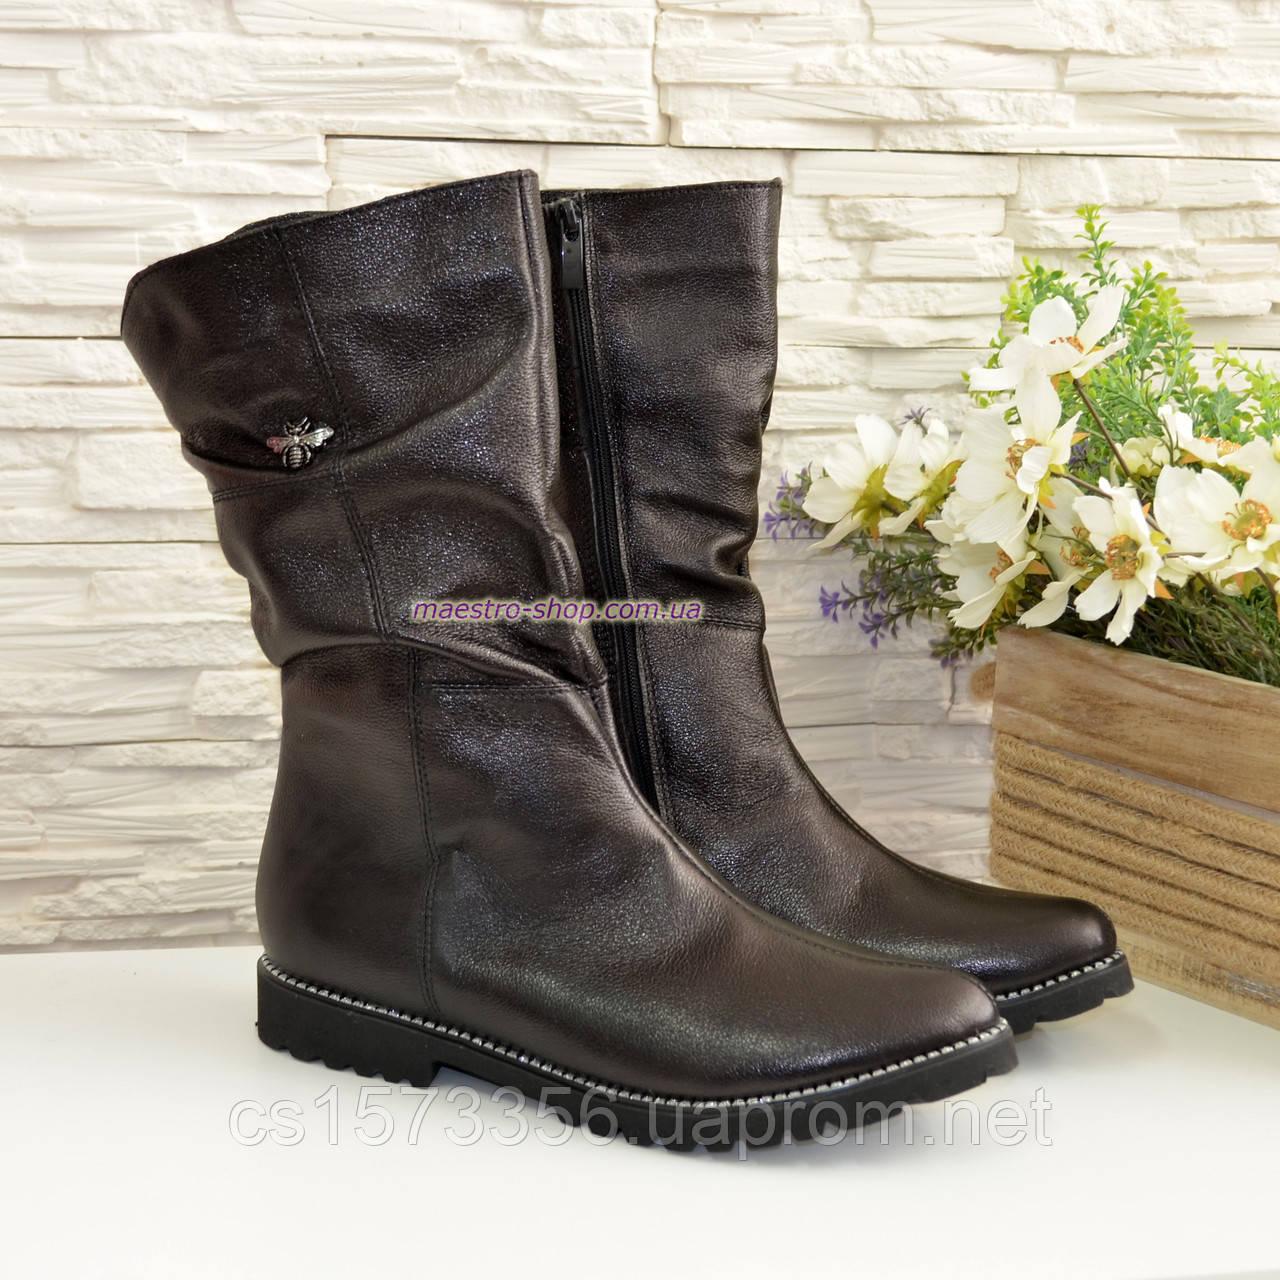 Женские зимние ботинки на меху, натуральная черная кожа